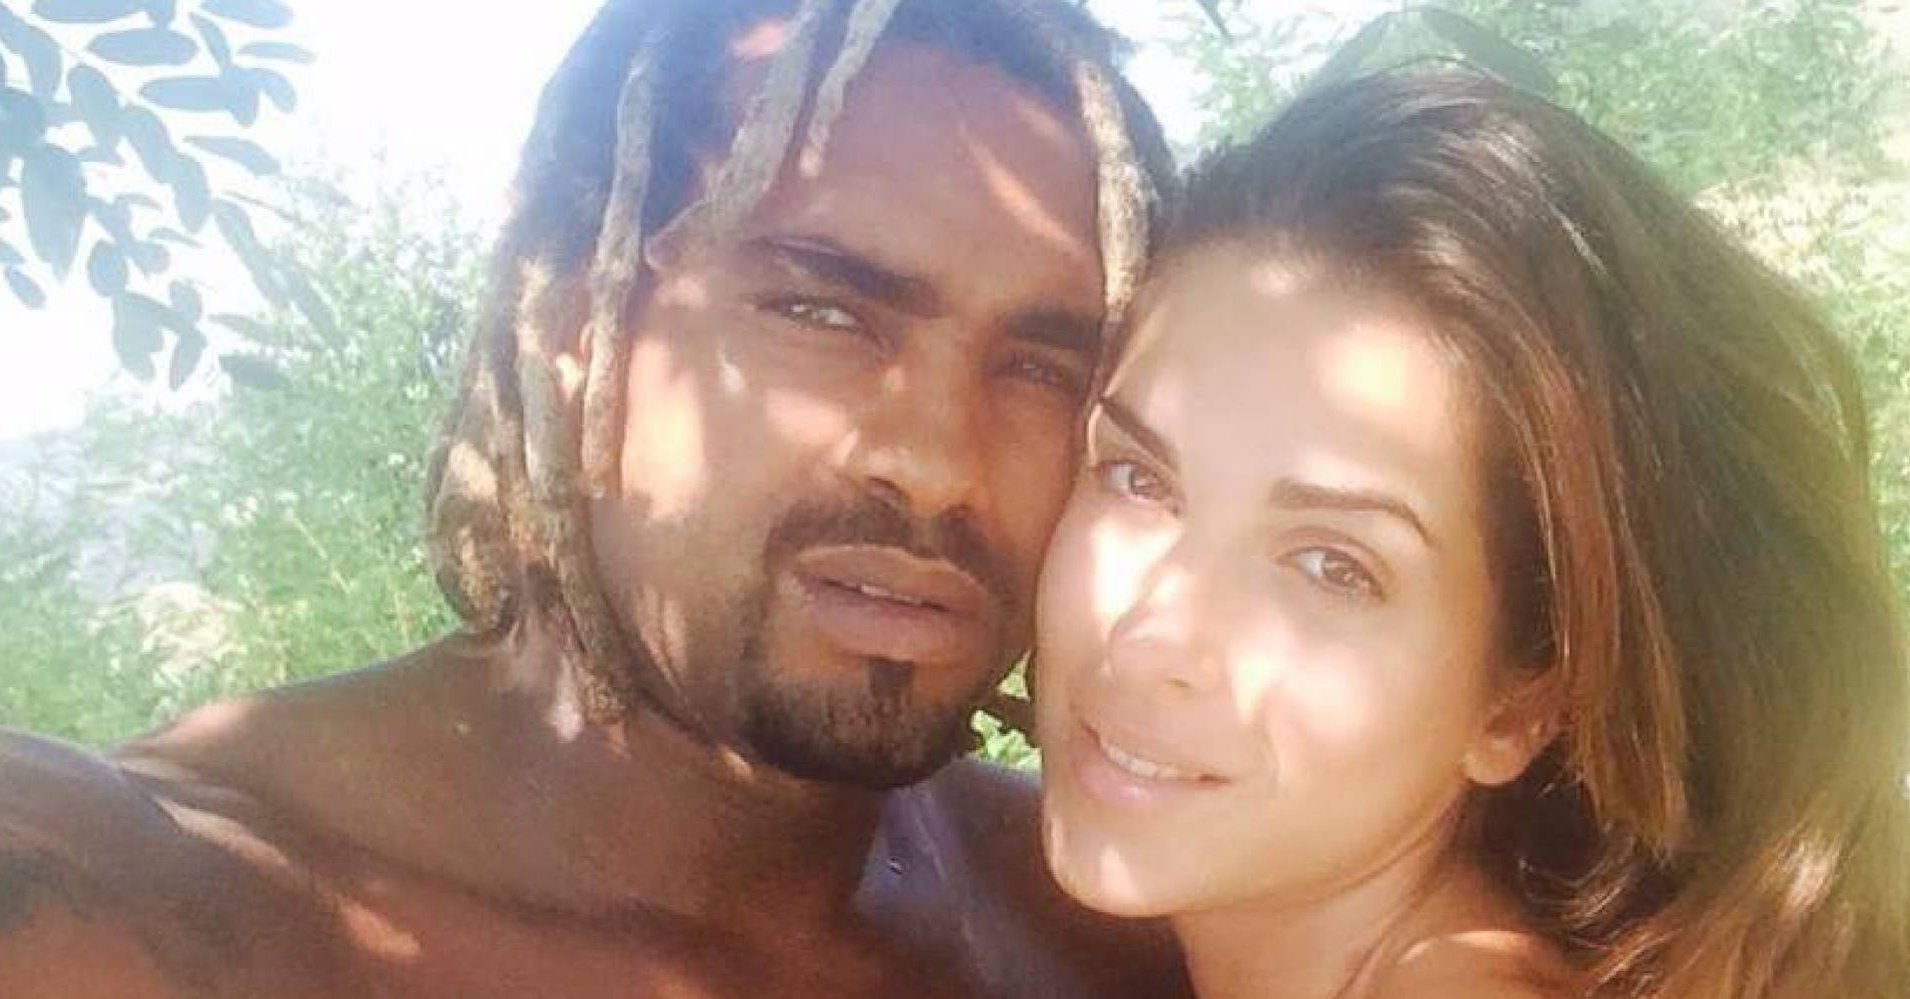 Gessica Notaro sfregiata con l'acido: perché l'ex compagno non era stato arrestato prima?